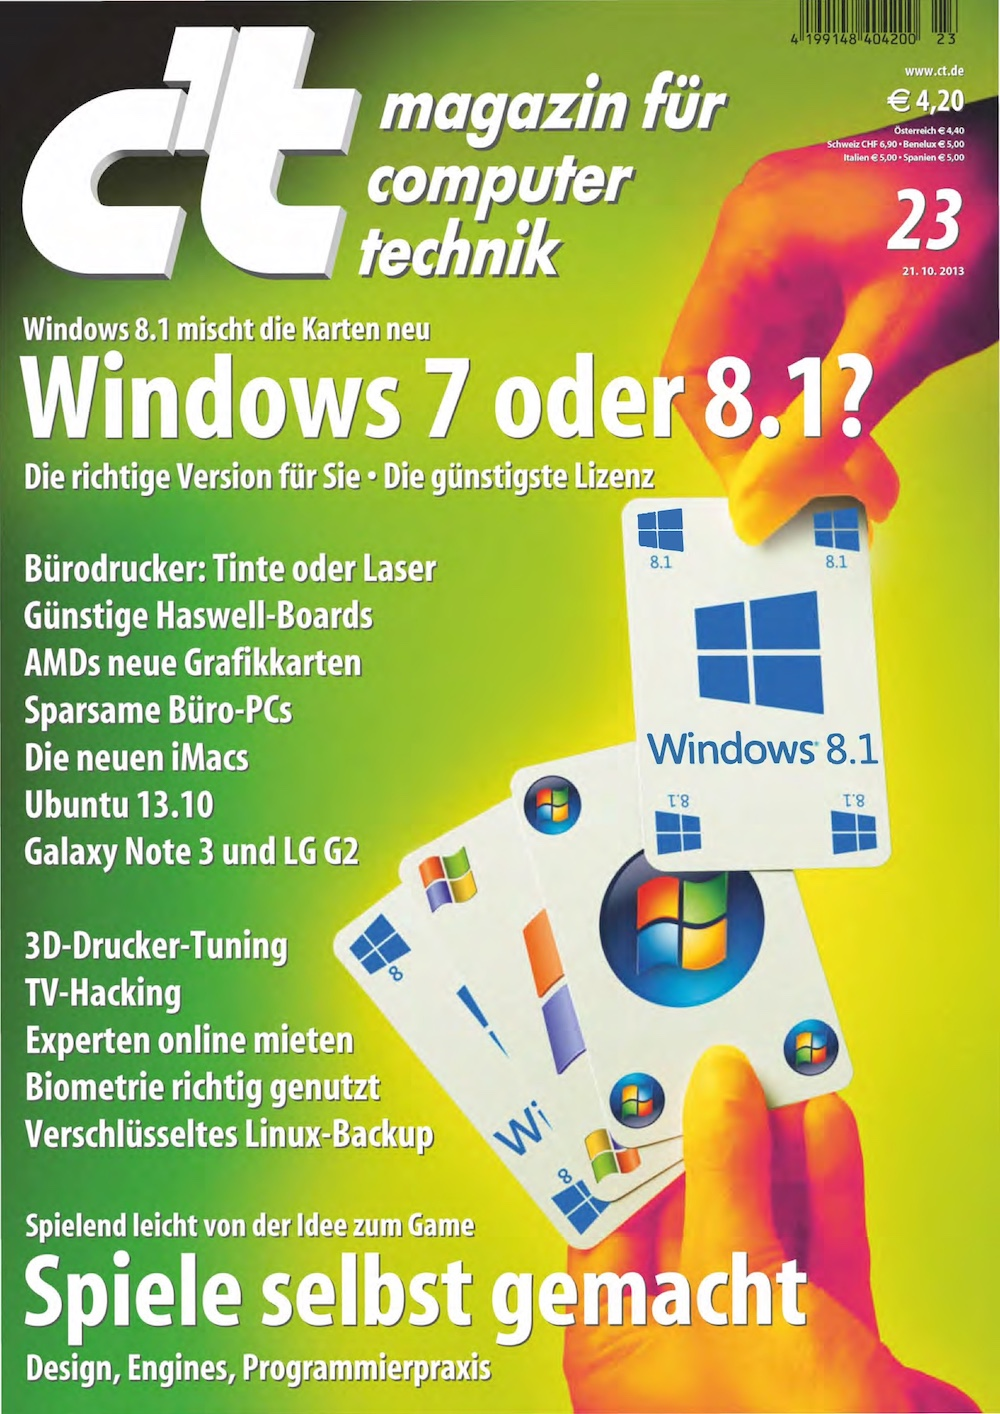 c't Magazin 2013-23